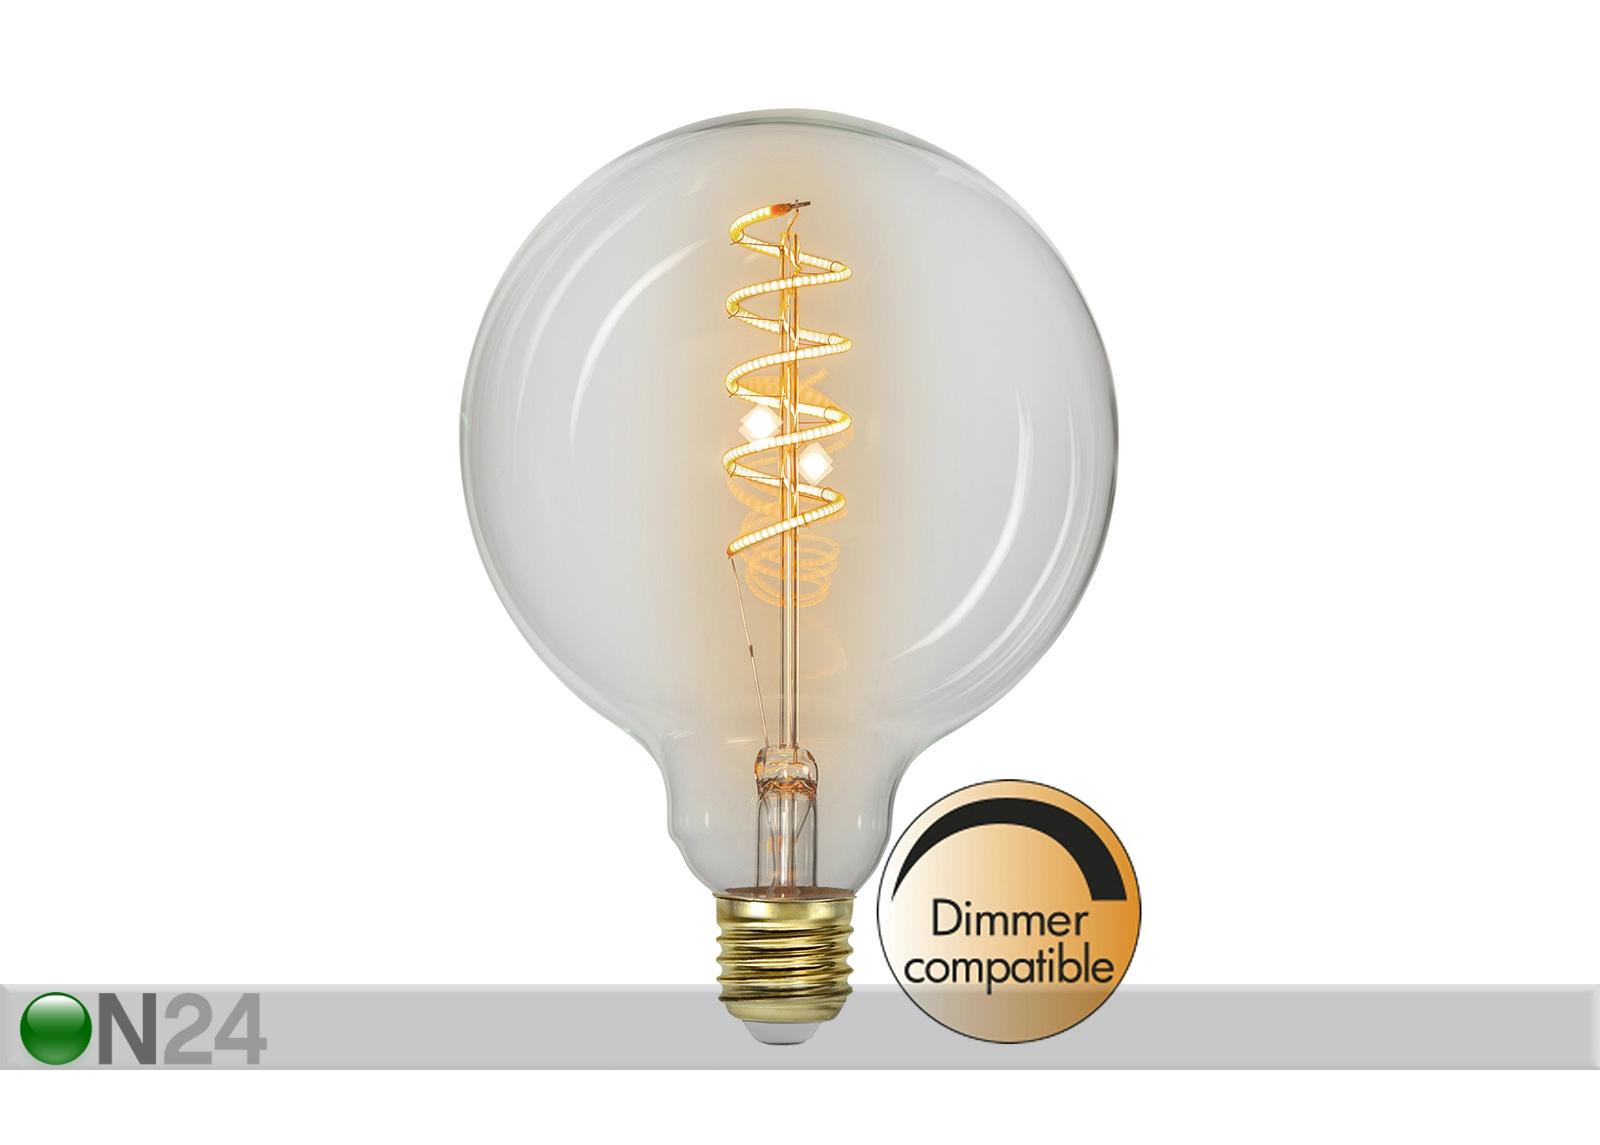 b1468c78216 Dekoratiivne LED pirn E27 3 W AA-153701 - ON24 Sisustuskaubamaja